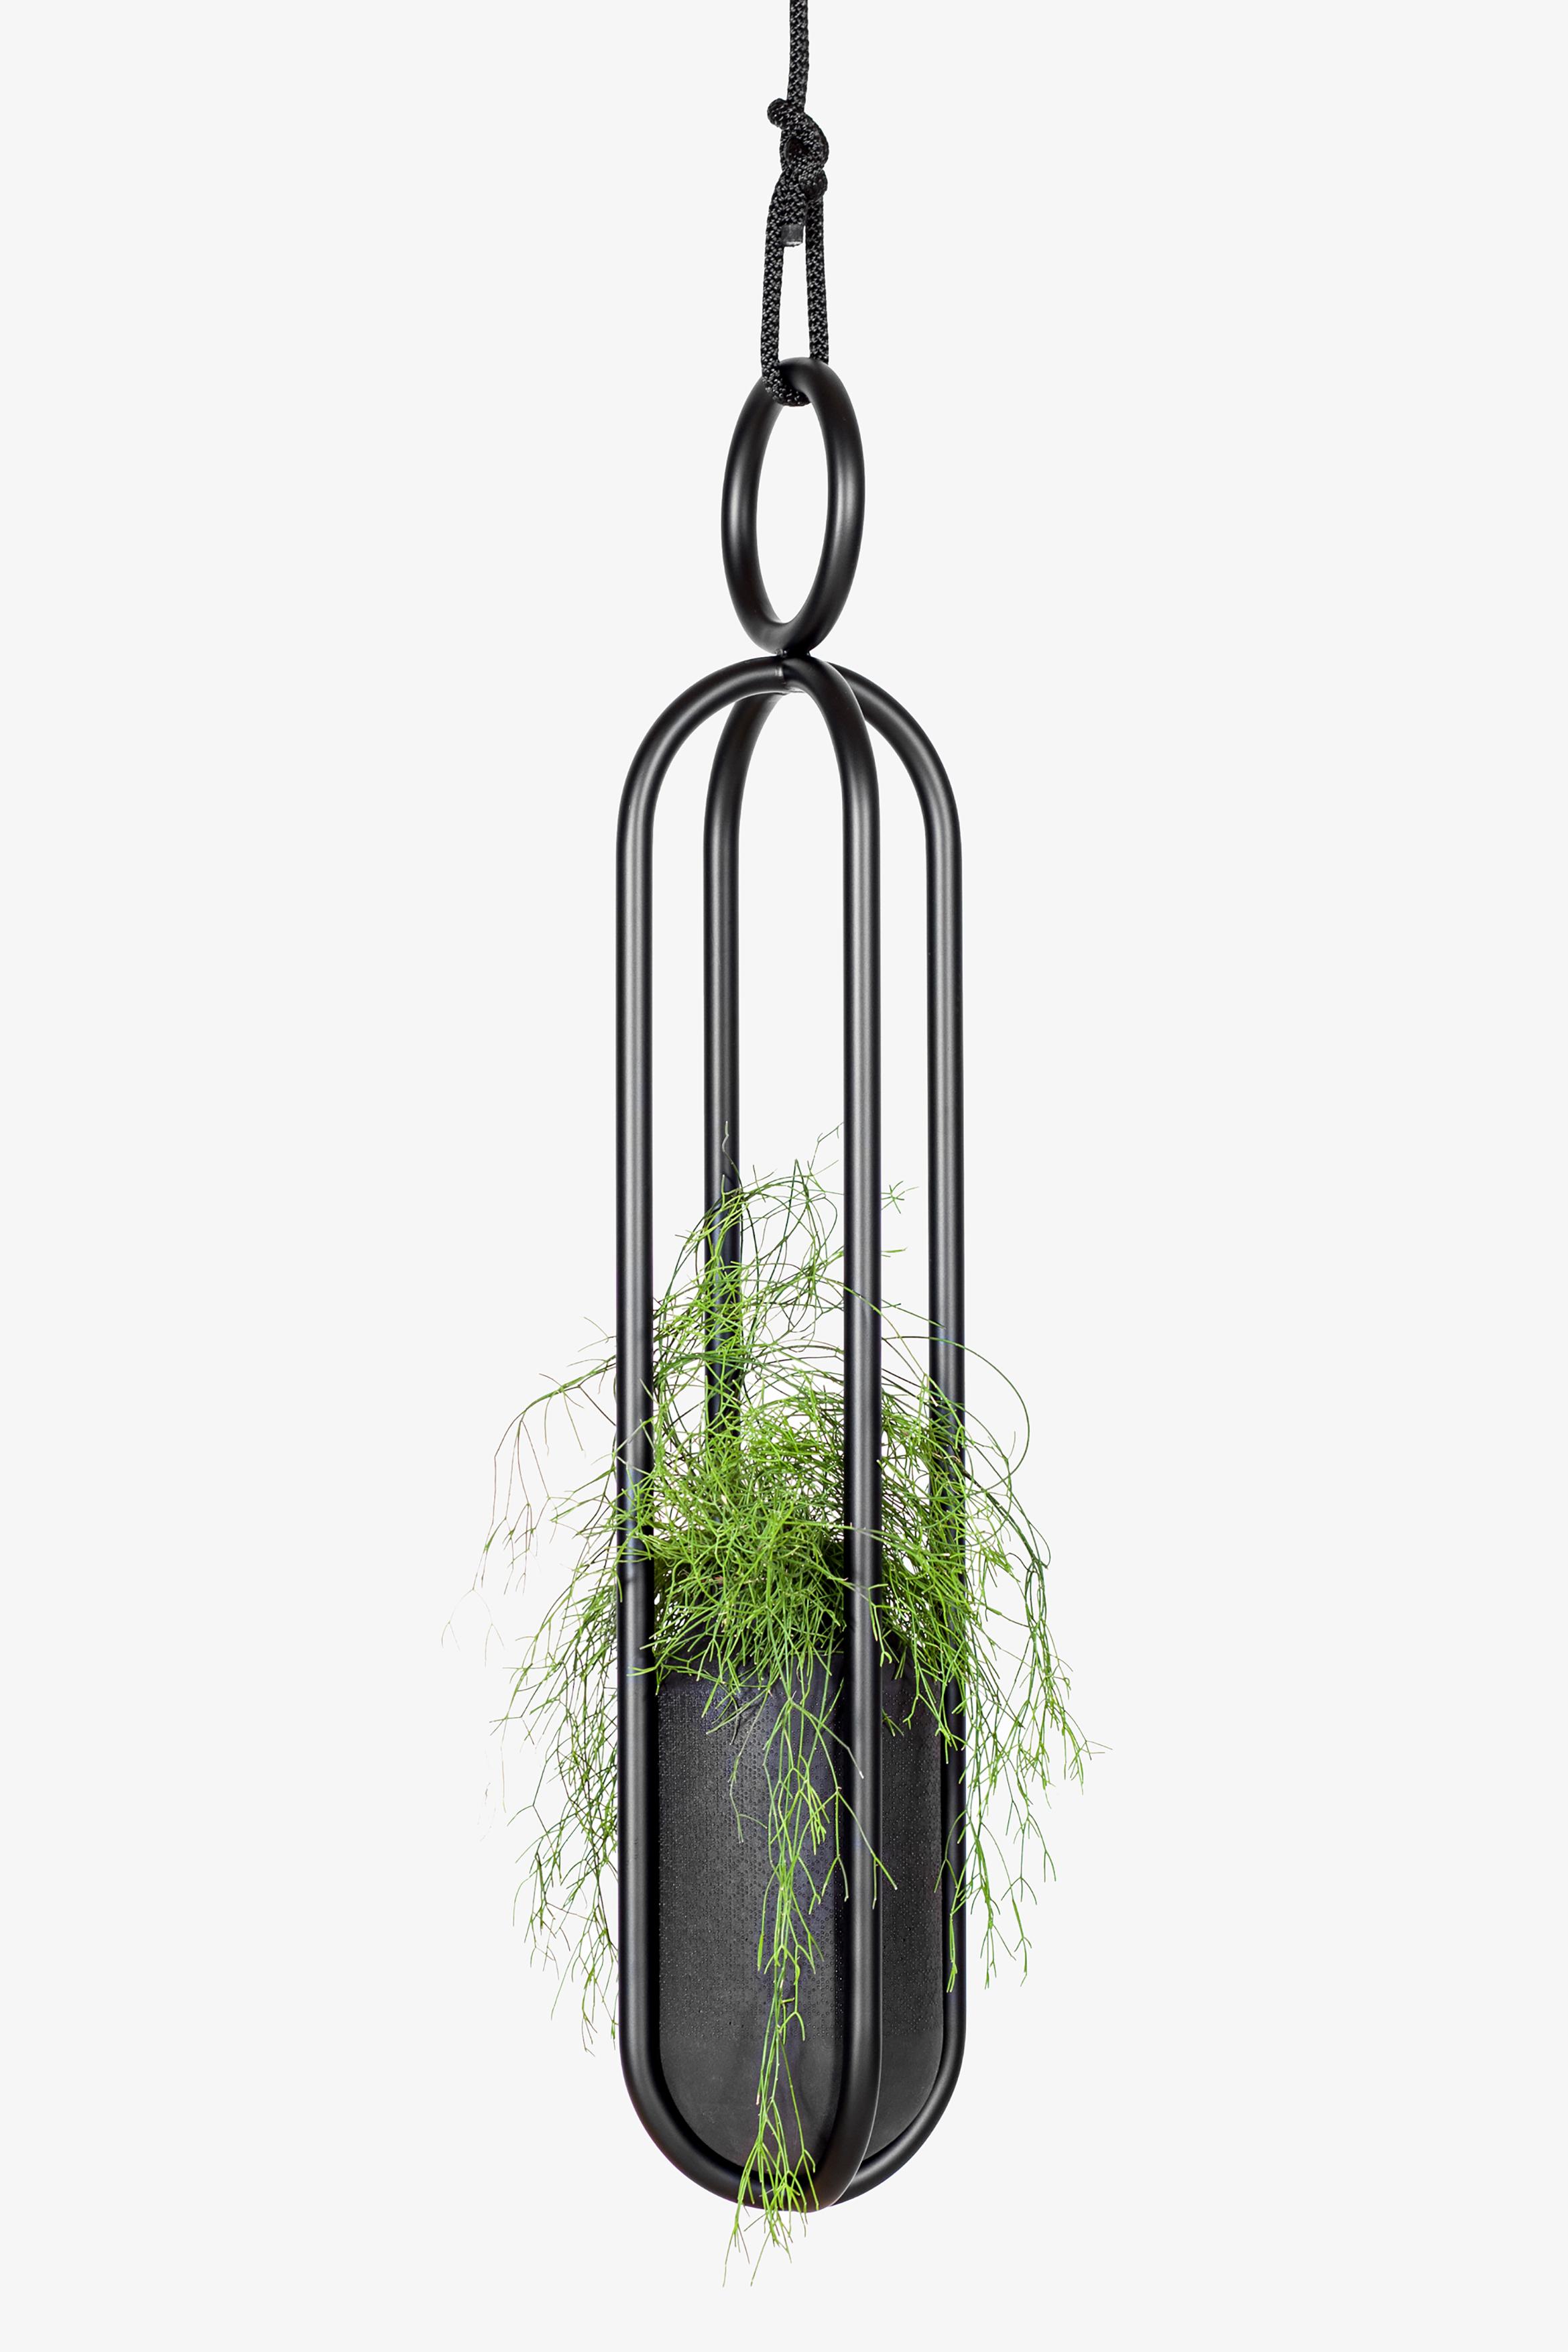 Blumenampel Stahl schwarz Pflanze Atelier Haußmann